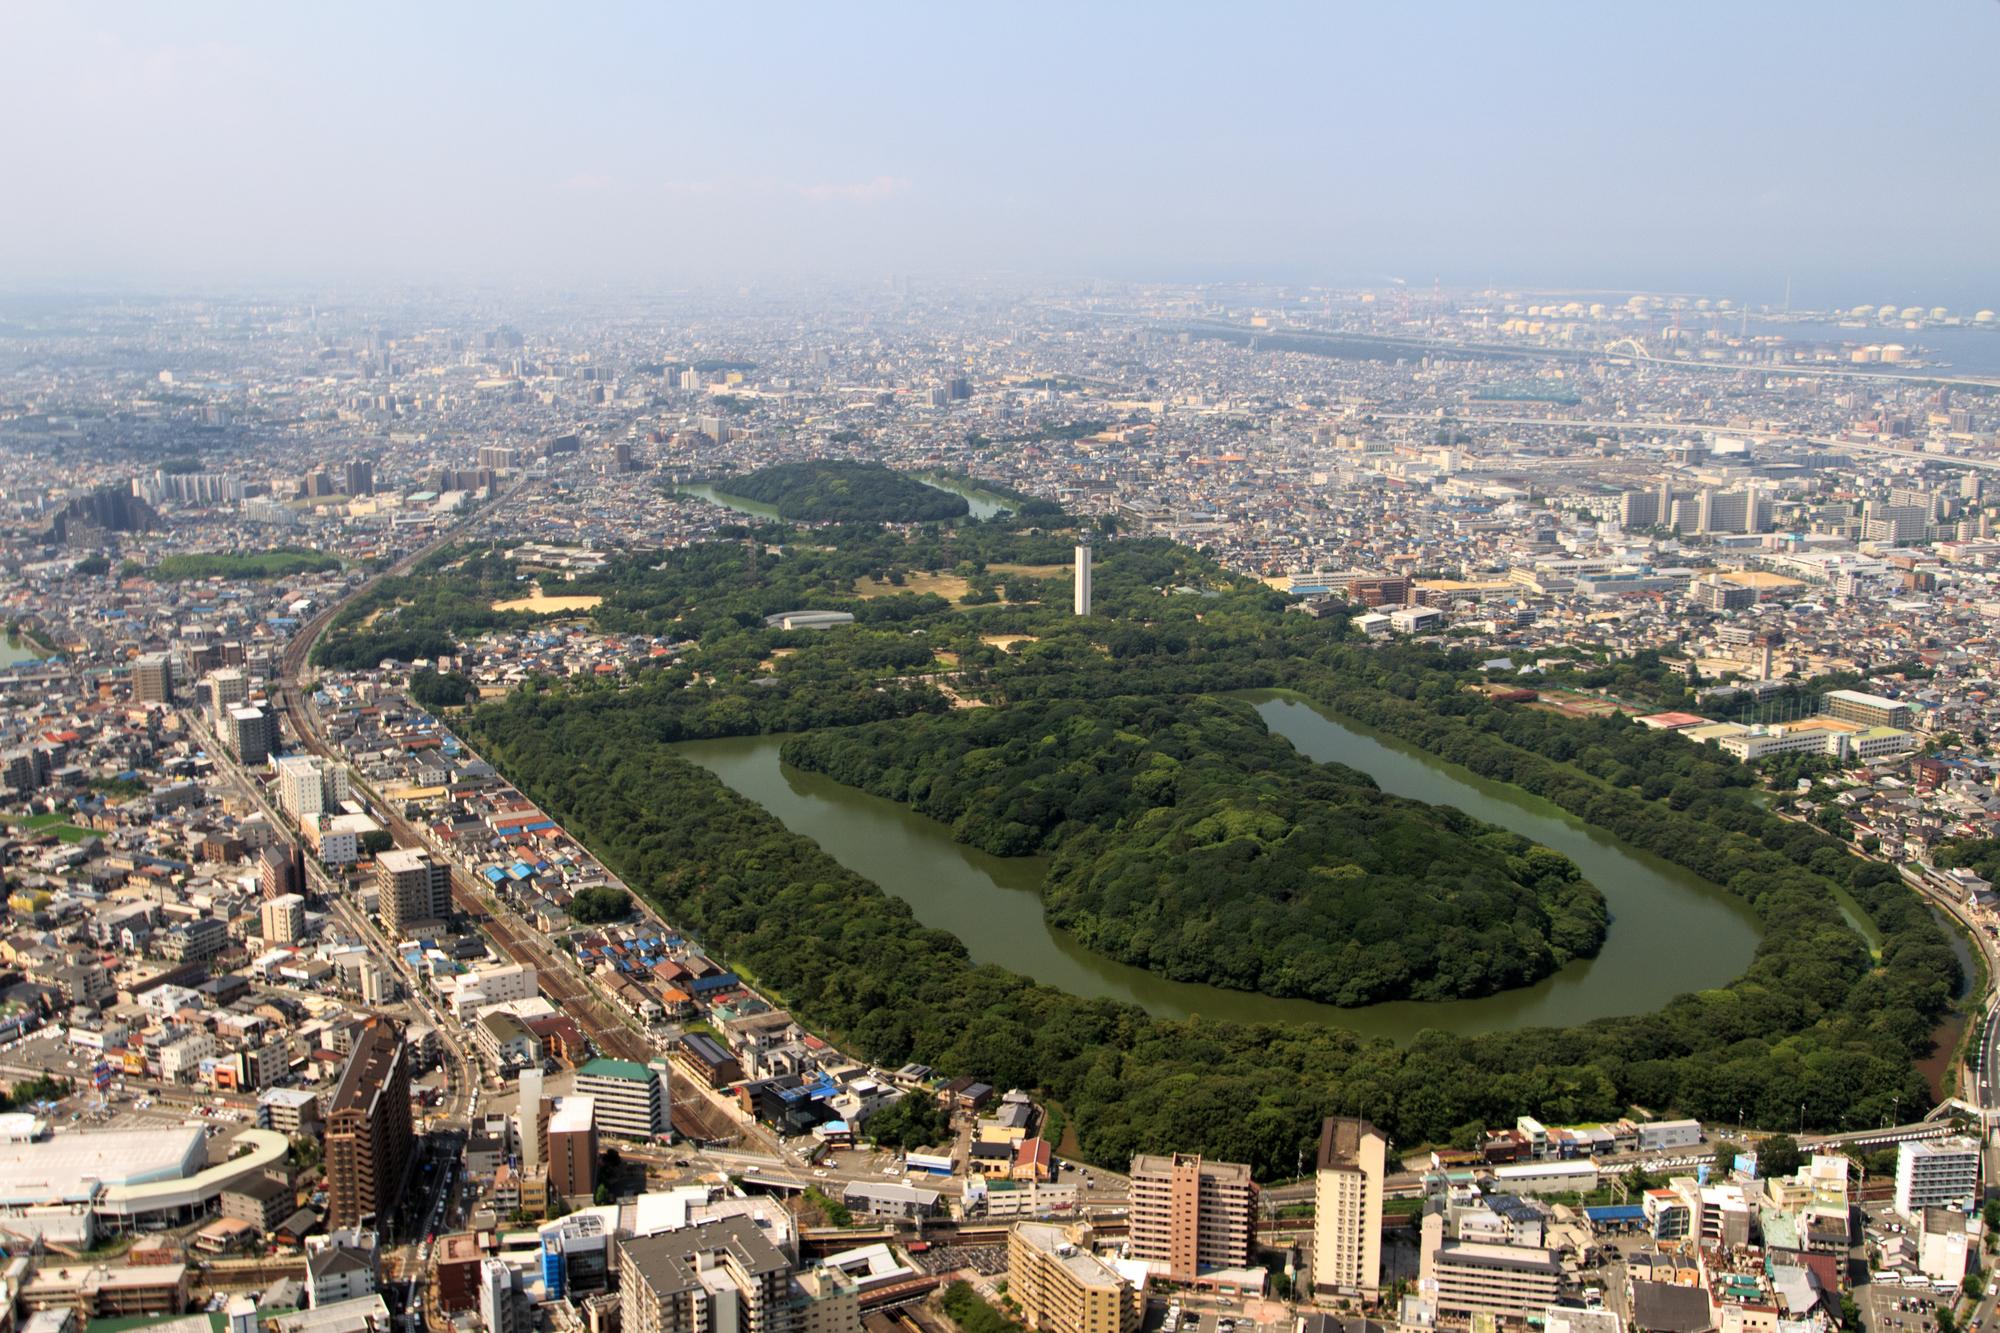 知らないと恥ずかしい! 日本にある「世界最大のお墓」とは?